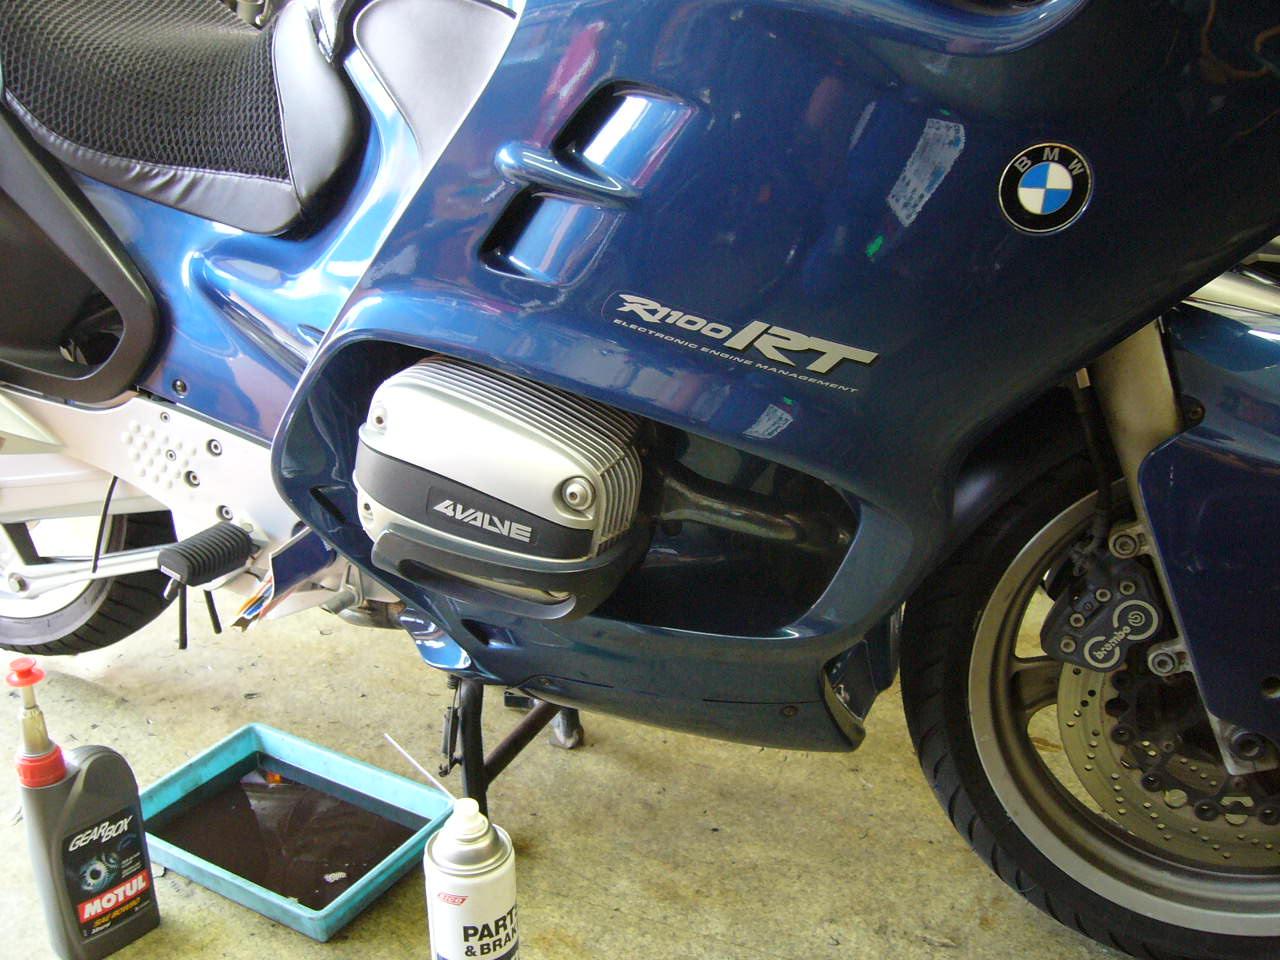 BMW R1100RT _b0133403_2112747.jpg